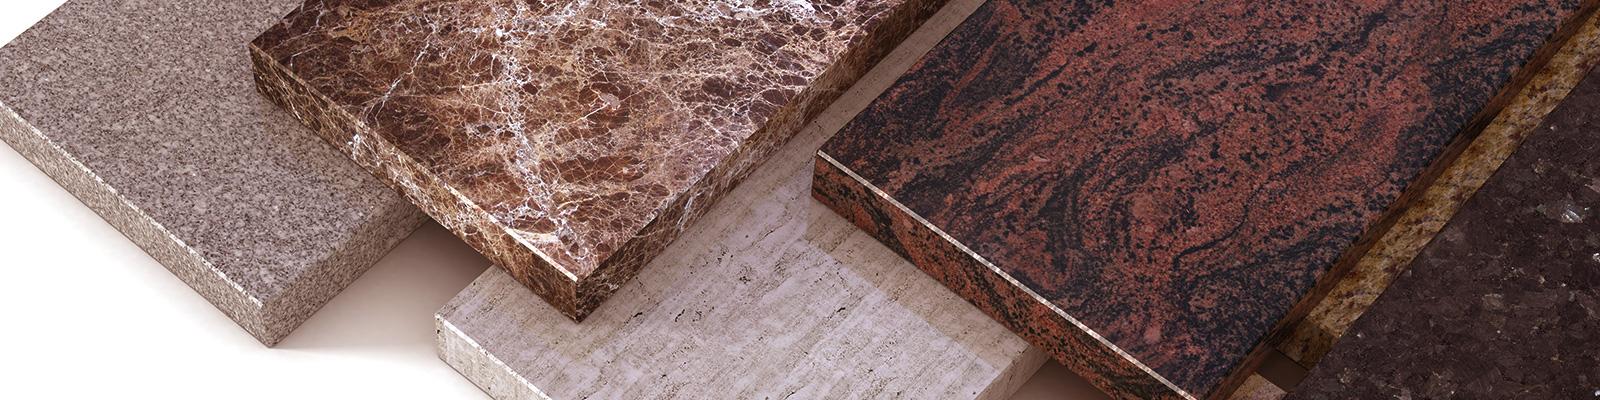 Caring for Granite & Bluestone - A-America Wood Furniture